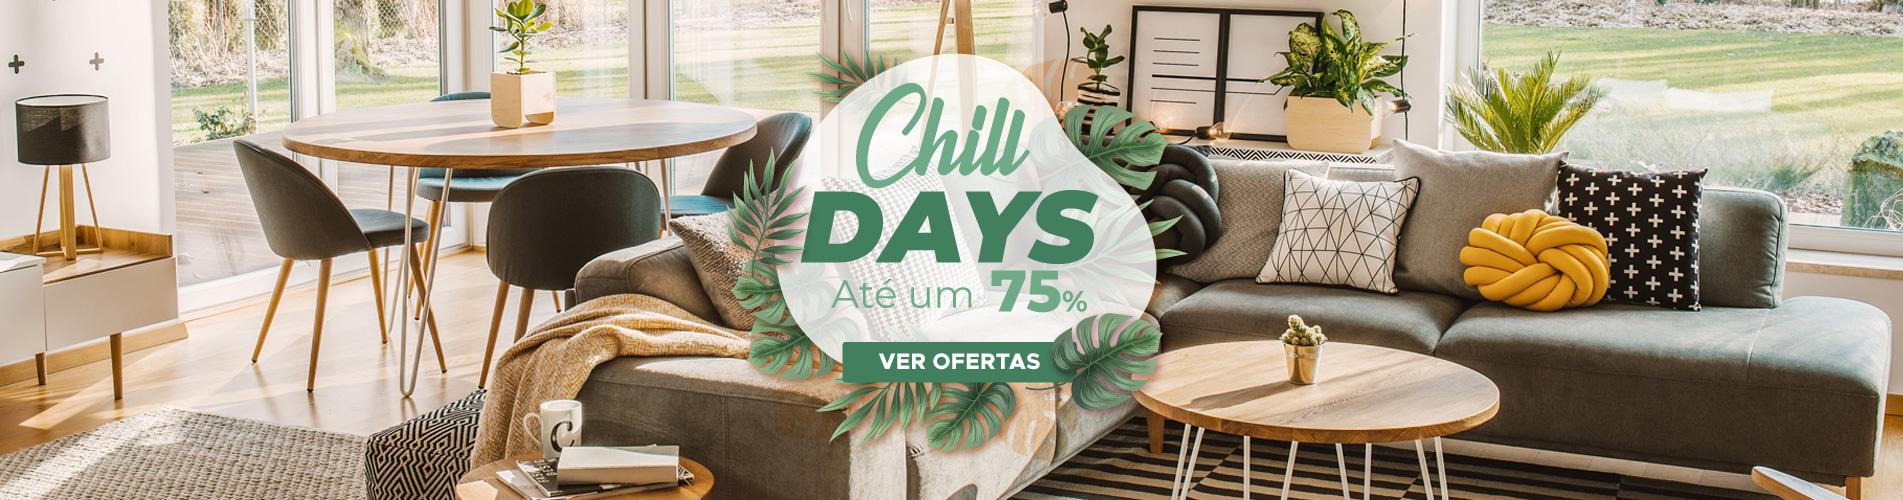 A Chill Days estão aqui: ofertas de verão refrescantes. Não o perca!